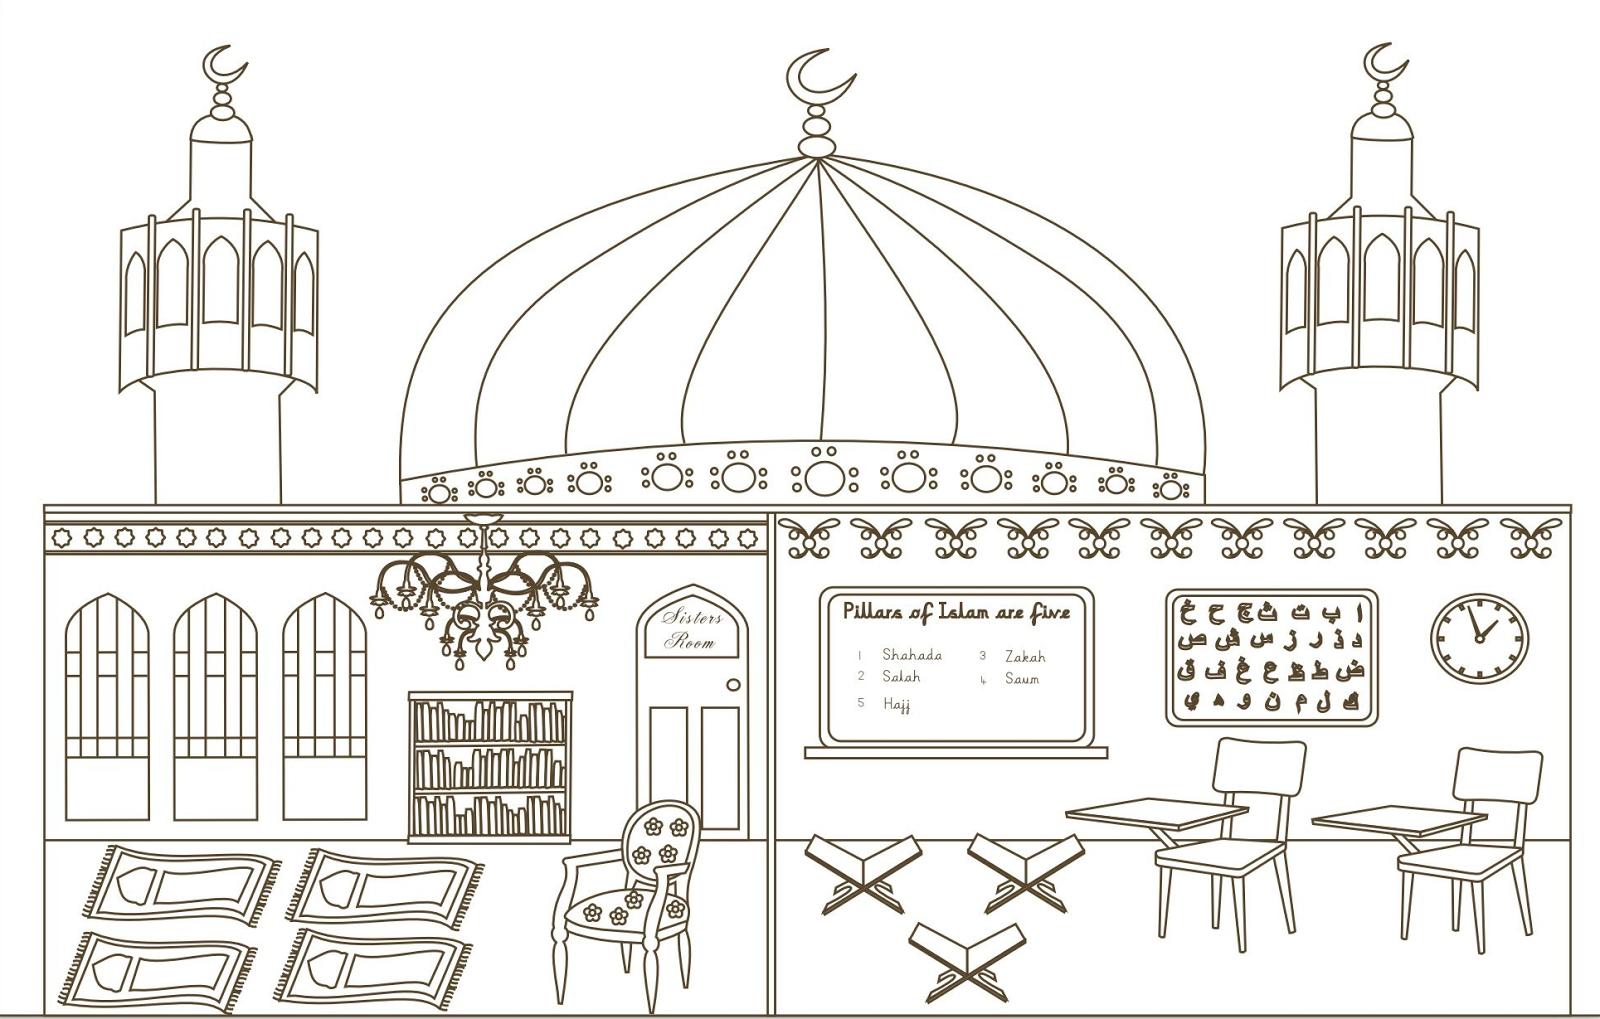 Mari Kita Perkenalkan Anak Anak Muslim Dengan Mengenal Tempat Tempat Ibadah Dengan Cara Mengajaknya Mereka Untuk Pergi Ke Masjid Atau Para Ayah Dan